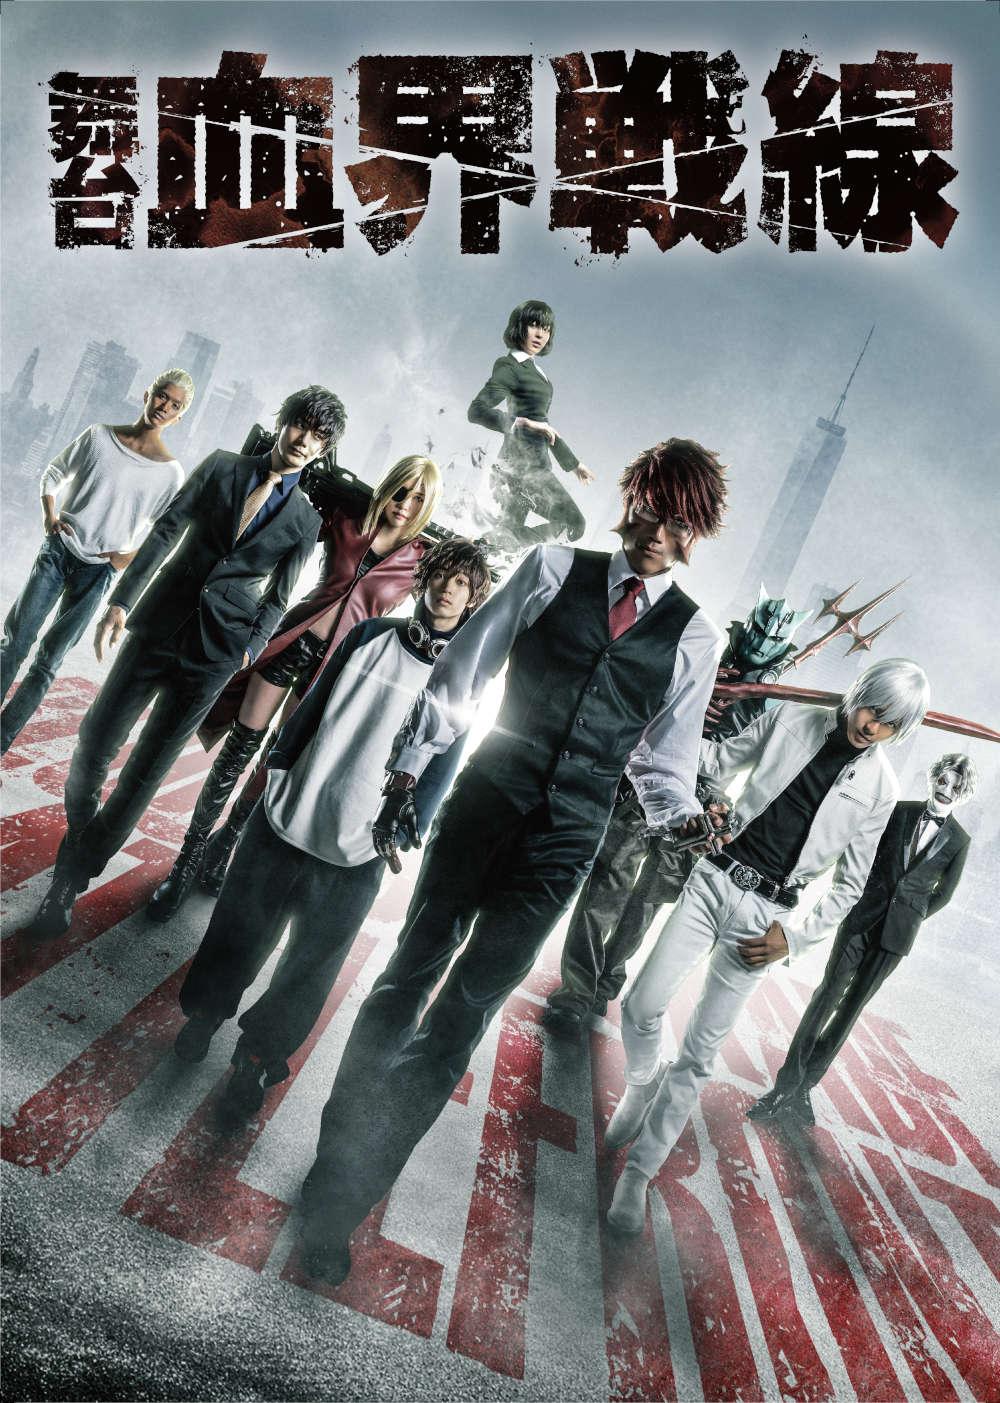 【ジャンプフェスタ会場予約限定特典付】 舞台『血界戦線』 Blu-ray